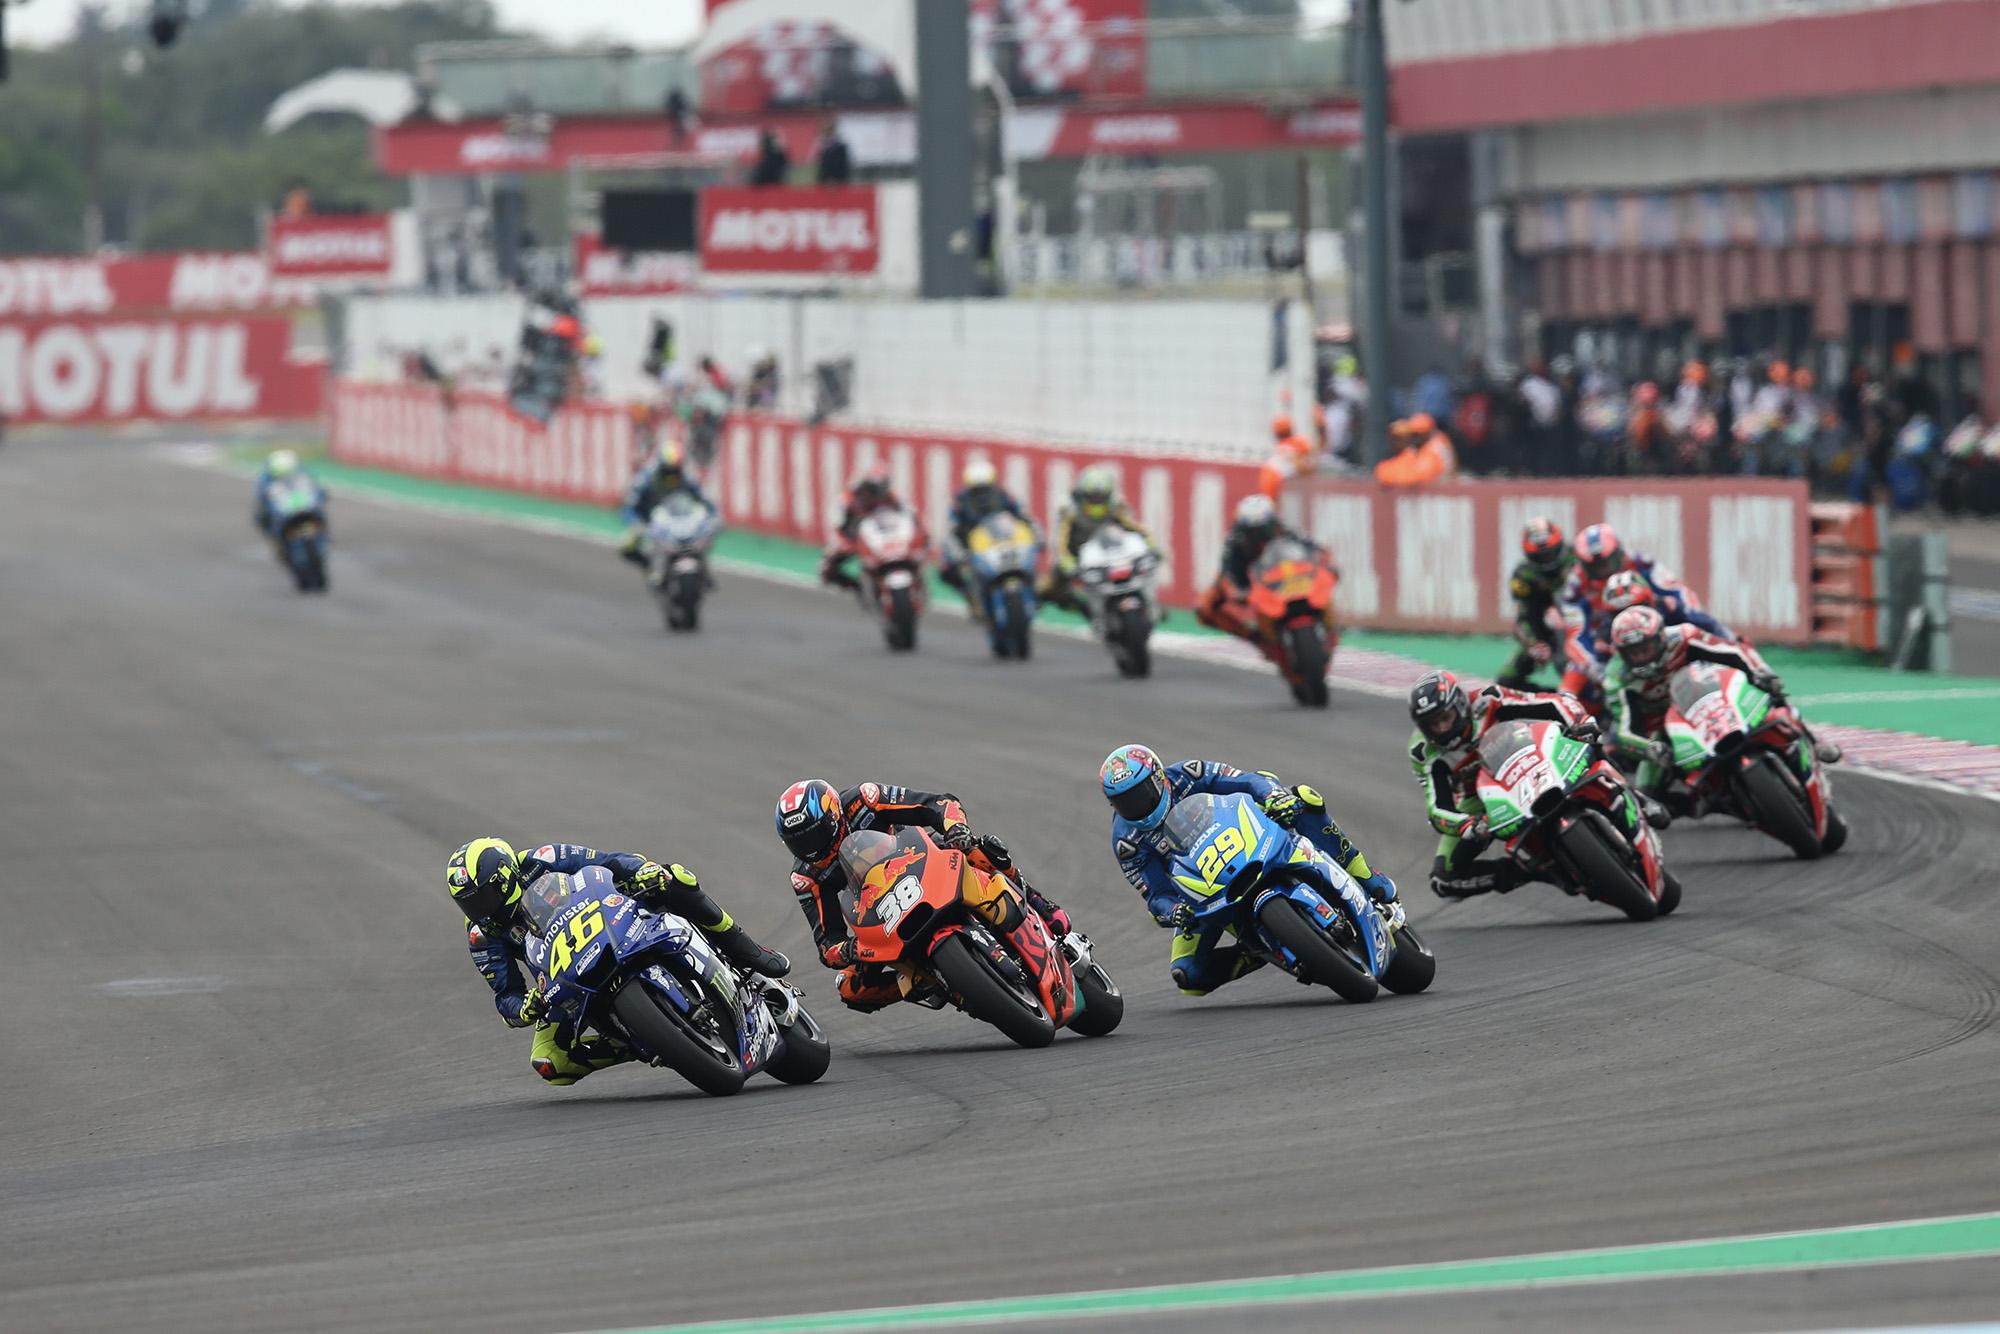 2018 MotoGP Argentina